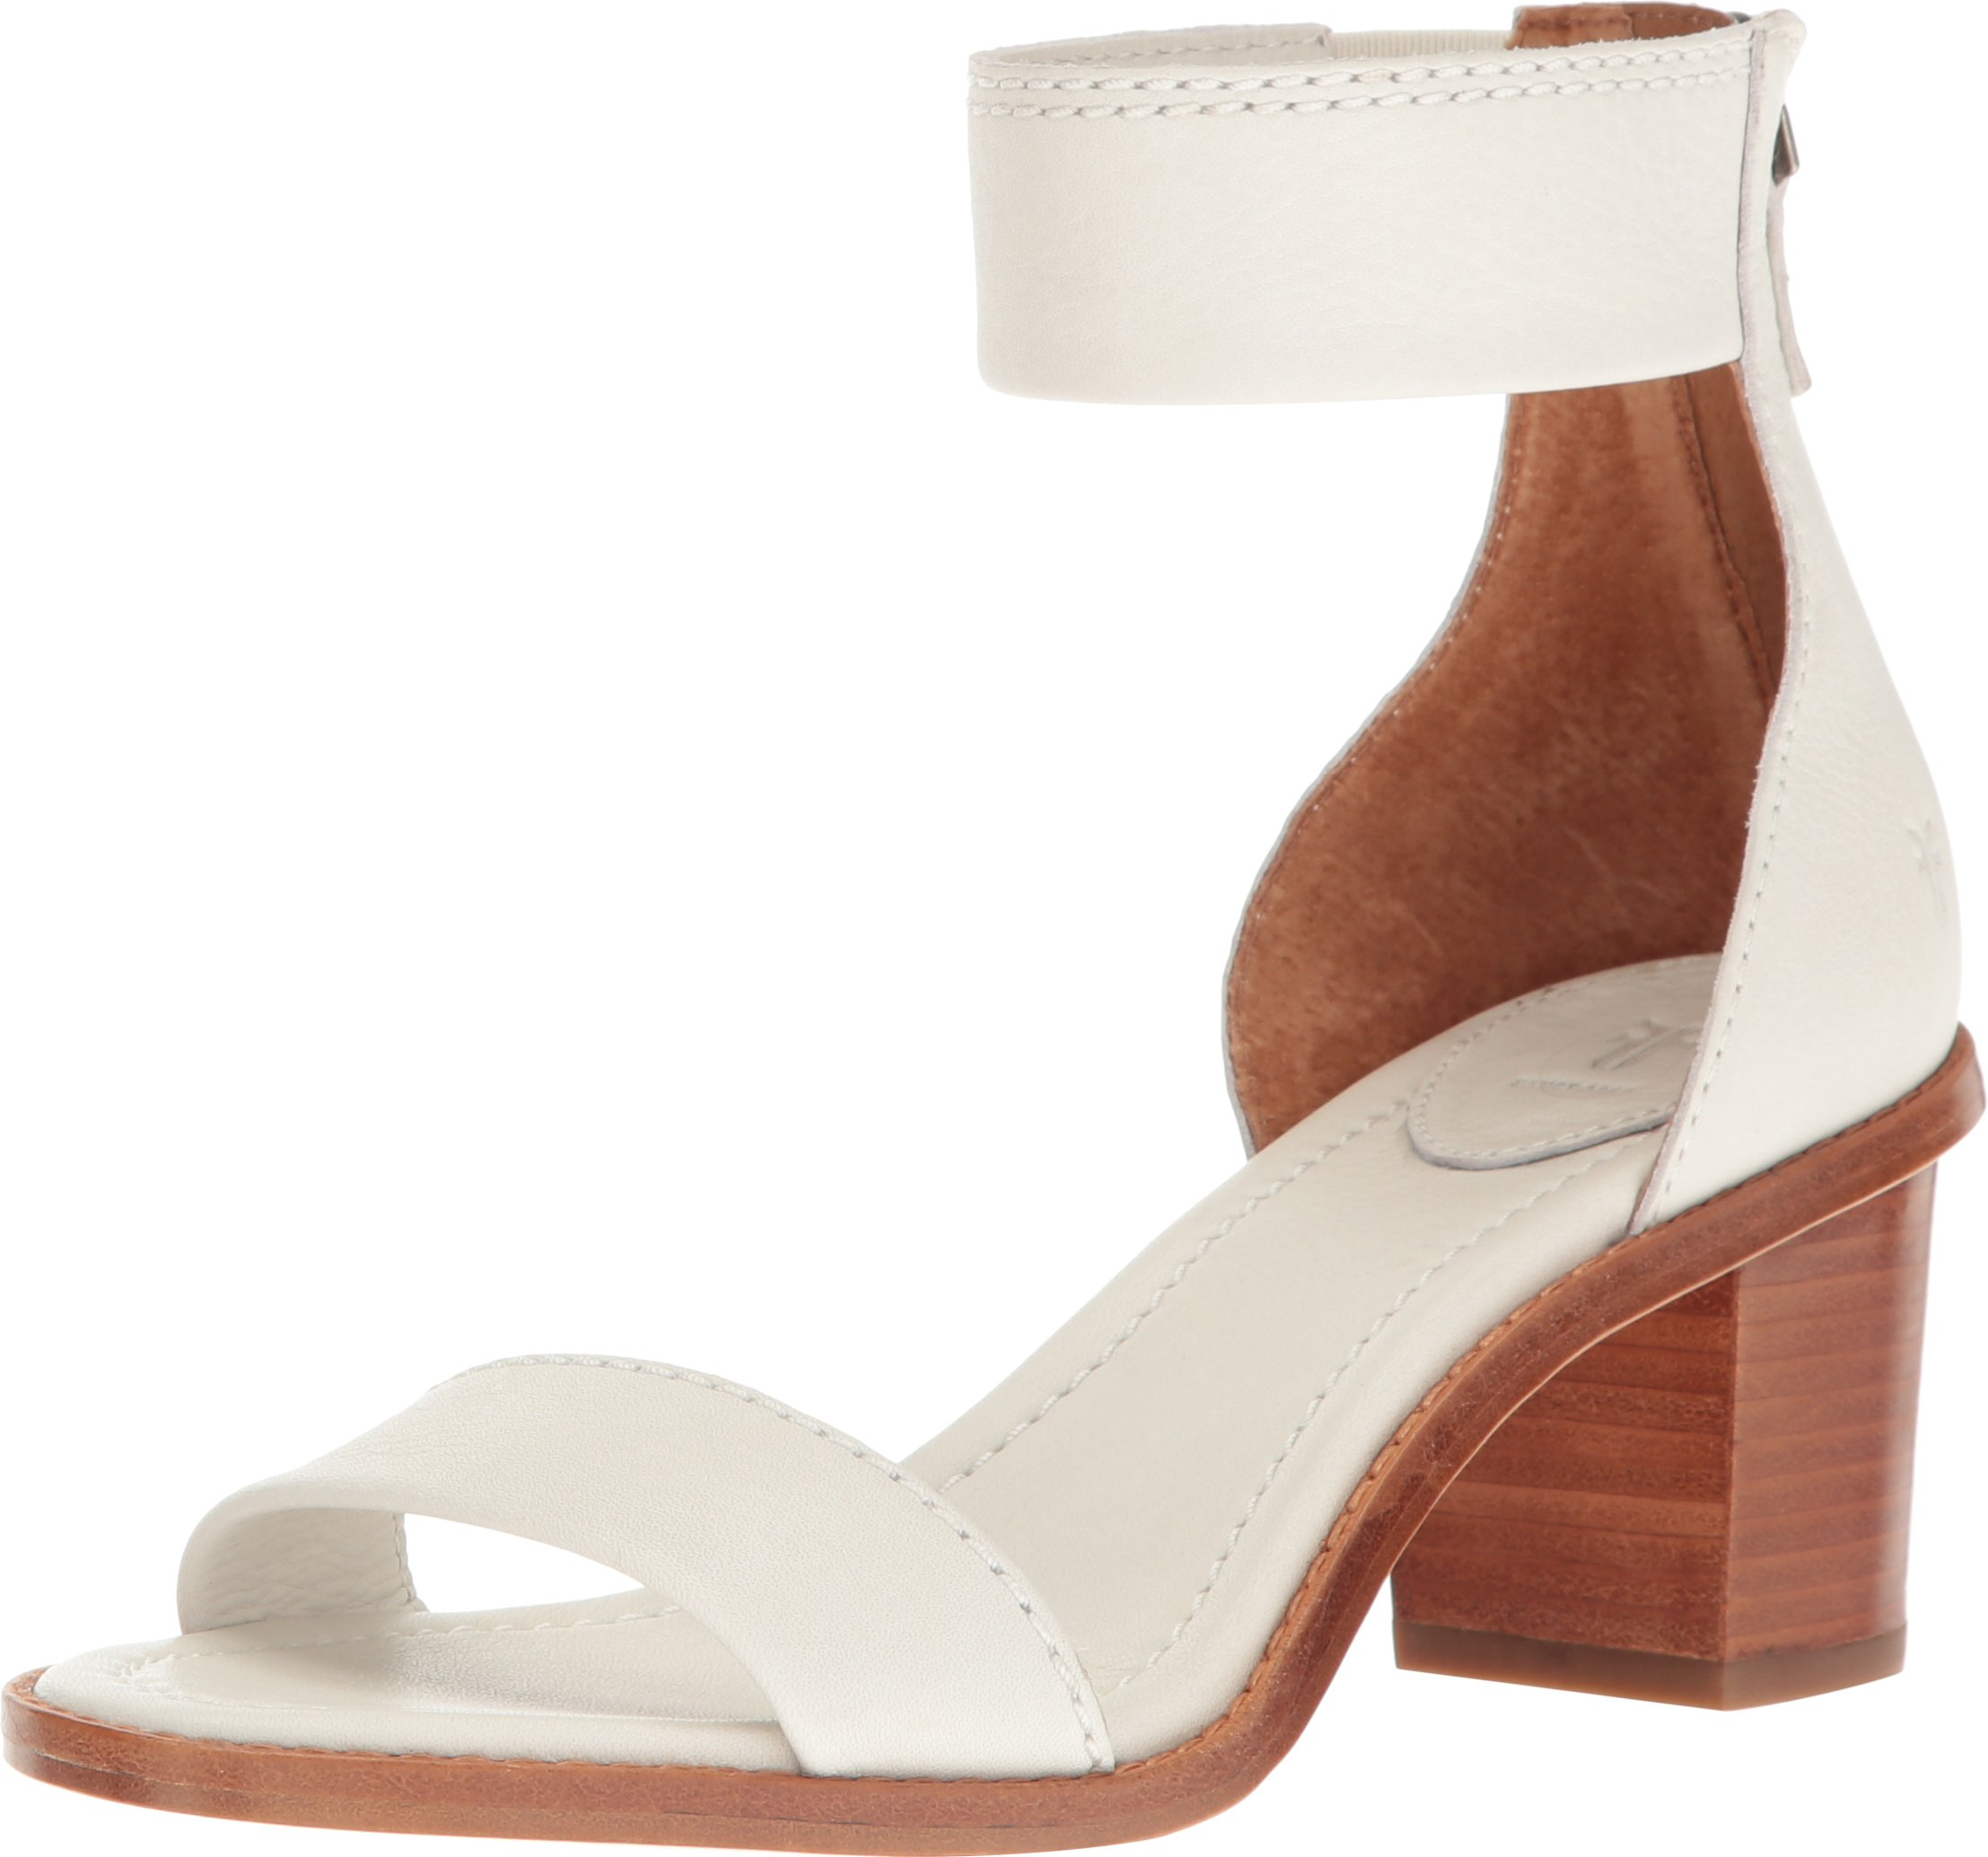 FRYE Women's Brielle Back Zip Dress Sandal, White, 7 M US